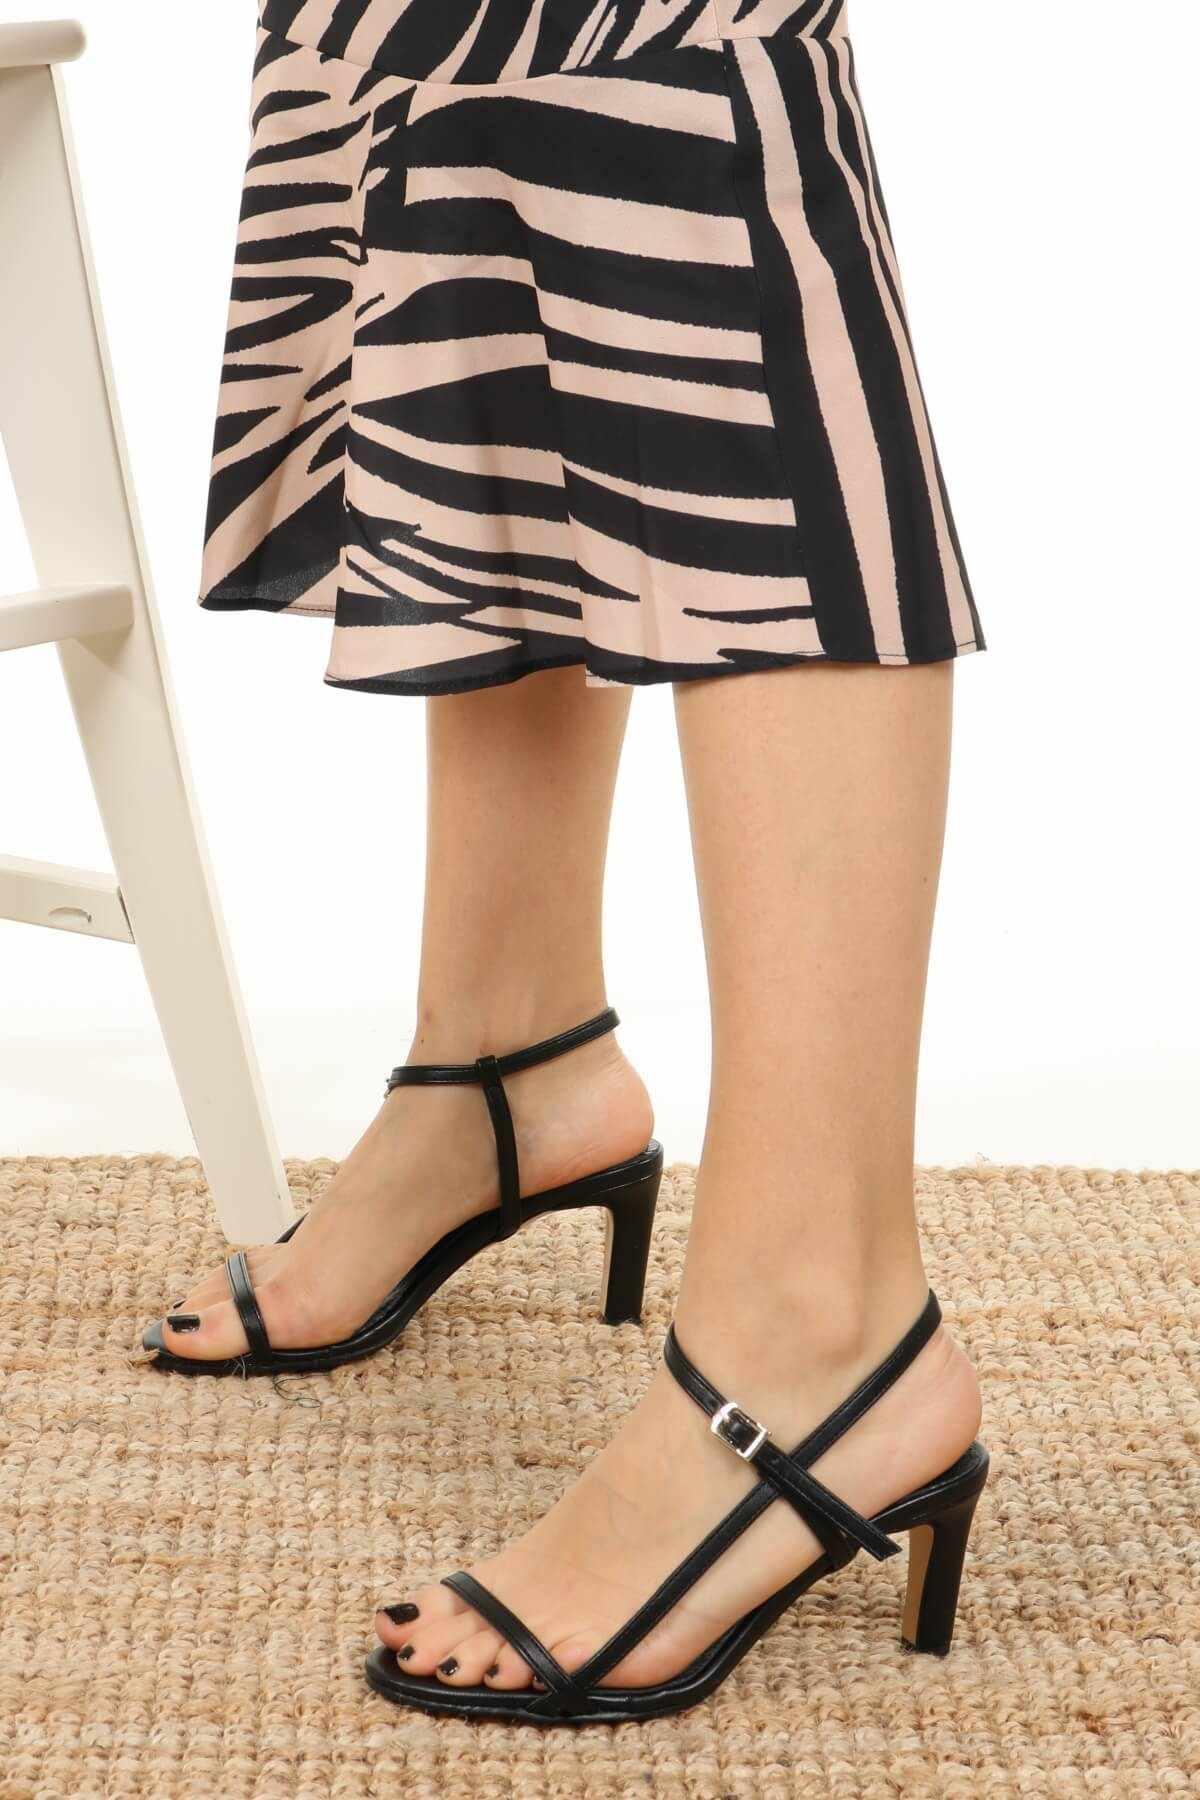 """Bao Da Chính Hãng Patricia Đen Ngắn Gọn Cao Cấp Da Thật Da Đế Bằng Dây Cột Nữ Giày Nữ Zapato De Mujer """"Tacon Mỏng Gót mũi Nhọn"""